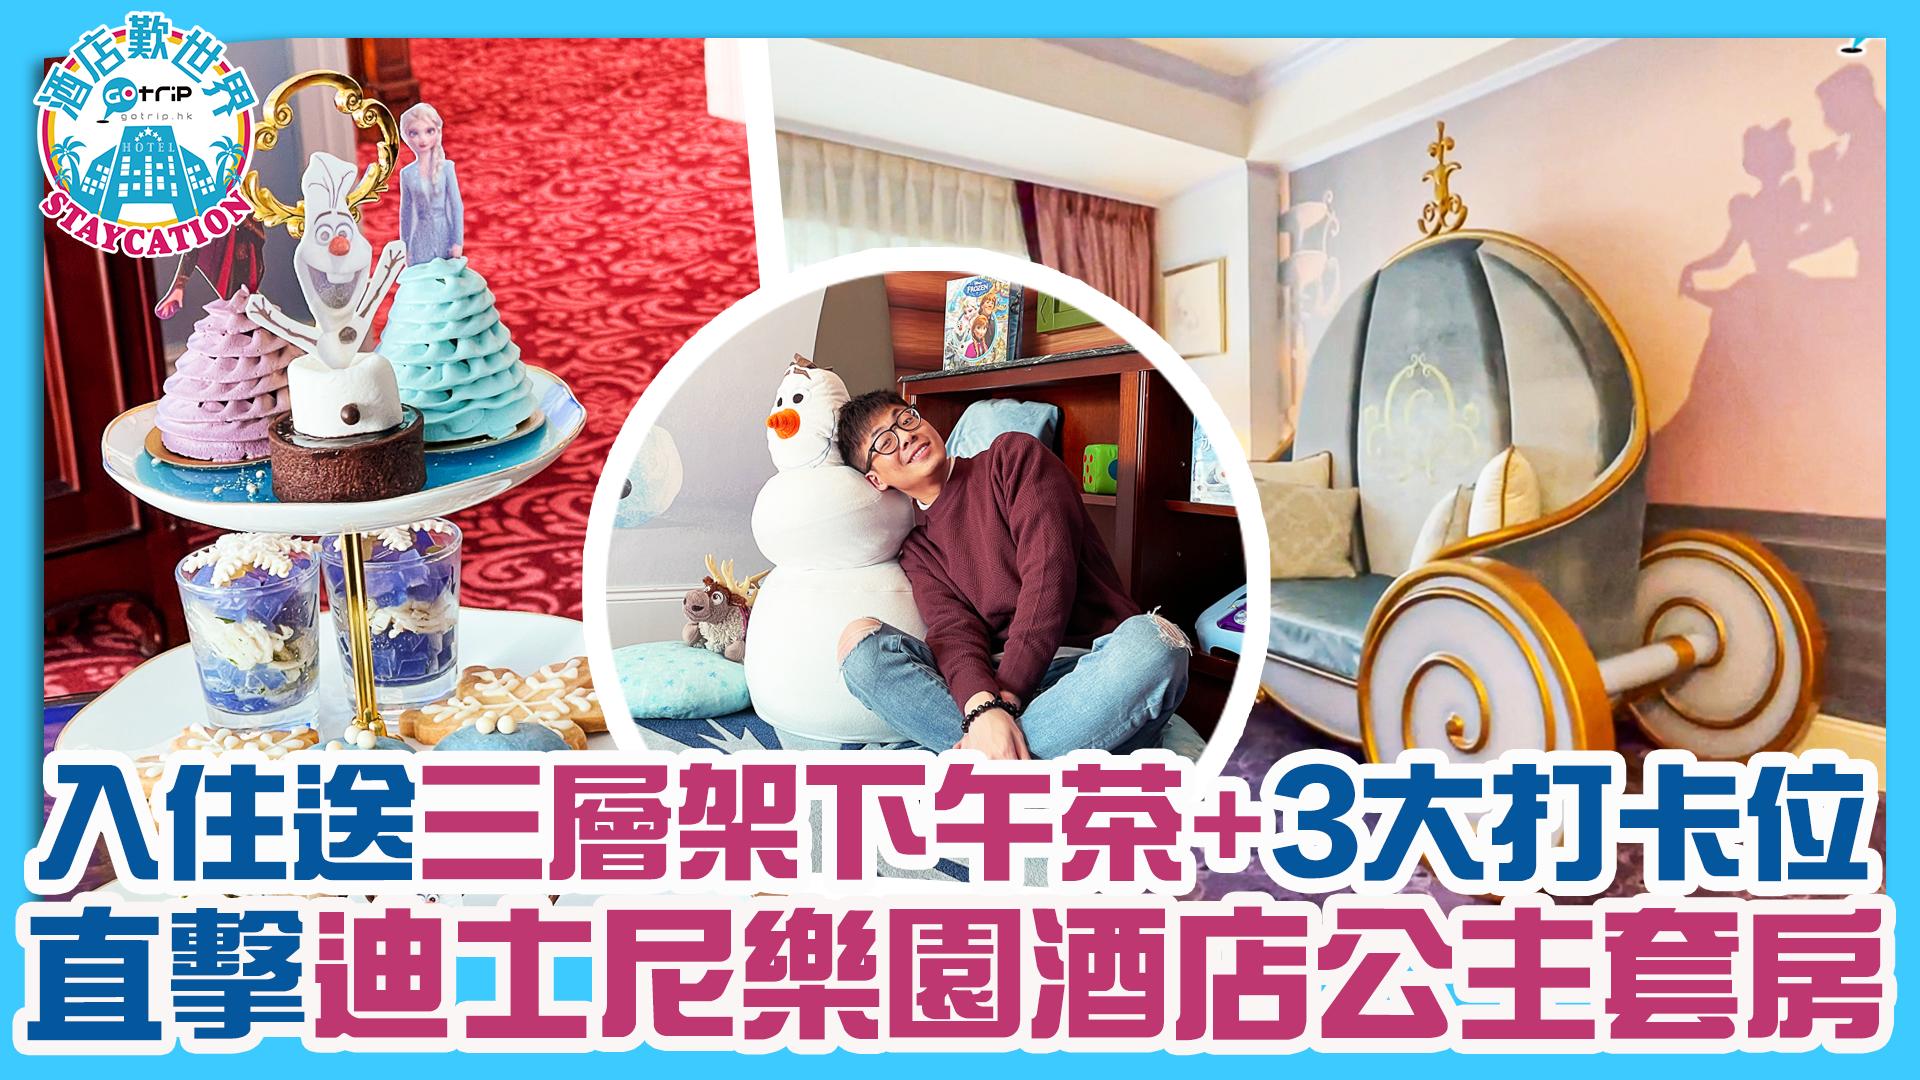 直擊香港迪士尼樂園酒店公主套房!魔雪奇緣/灰姑娘主題設計超夢幻